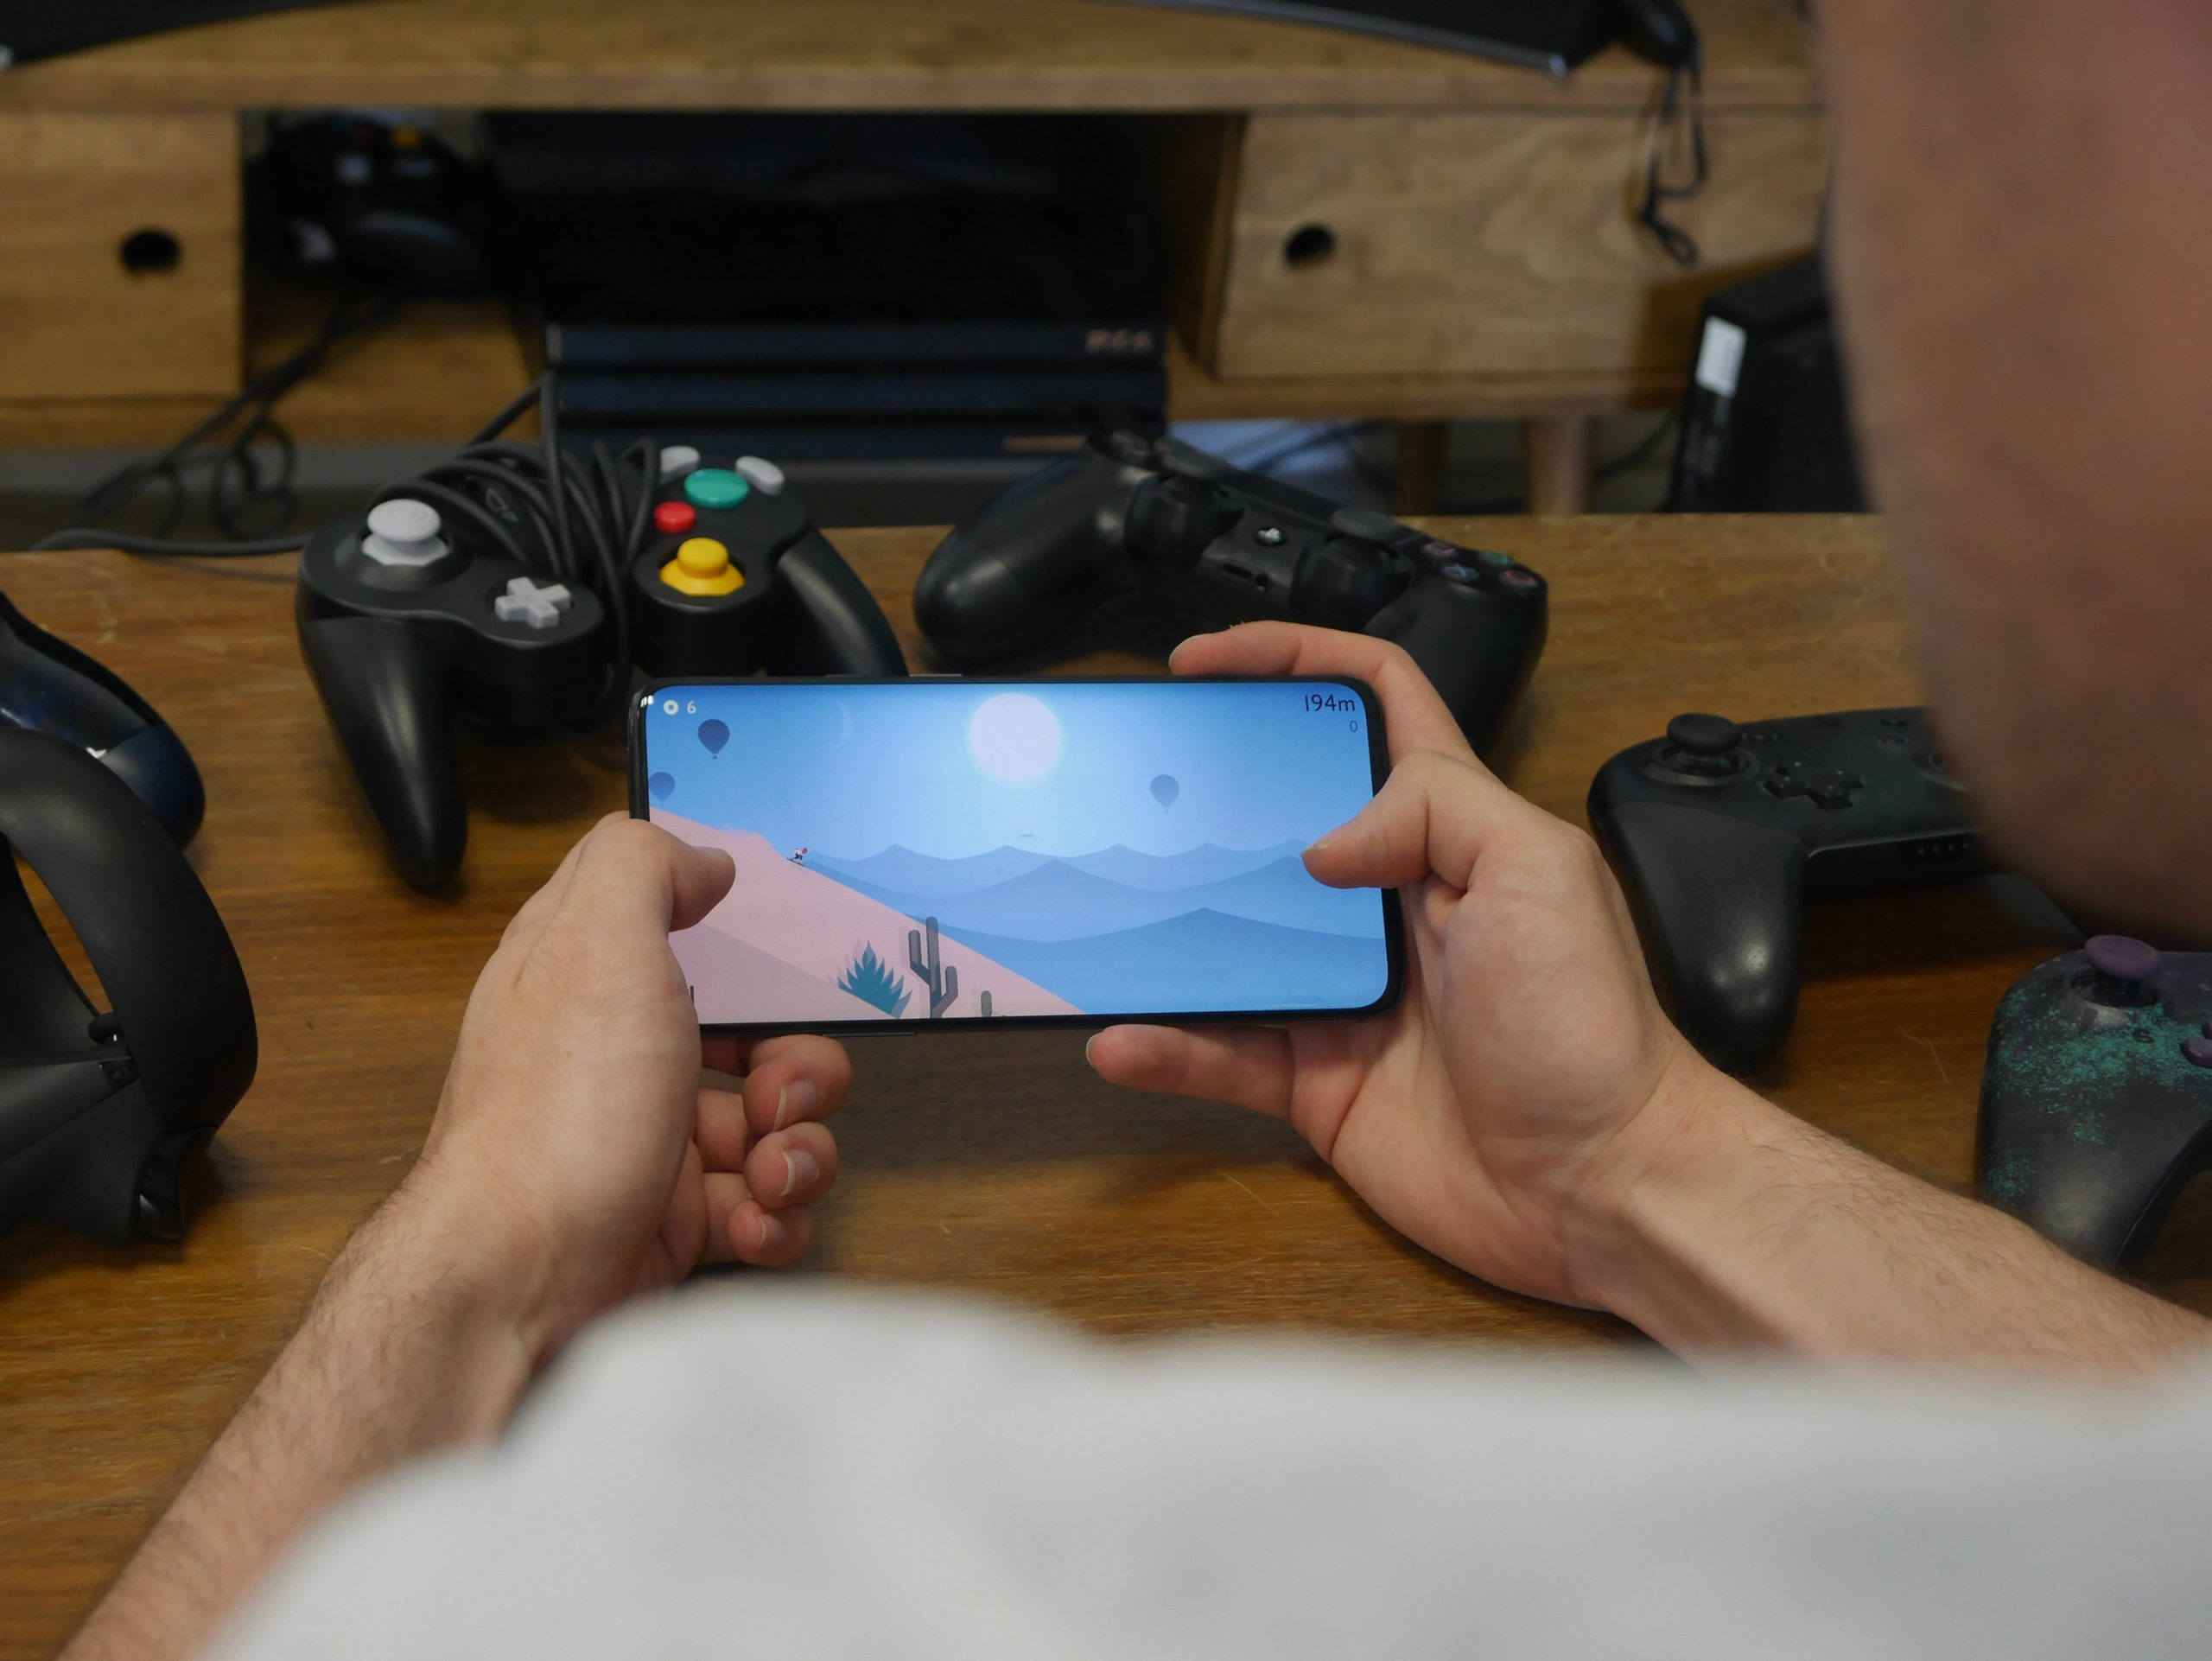 Les Meilleurs Jeux Gratuits Sur Android En 2020 concernant Jouer Aux Puzzles Gratuitement